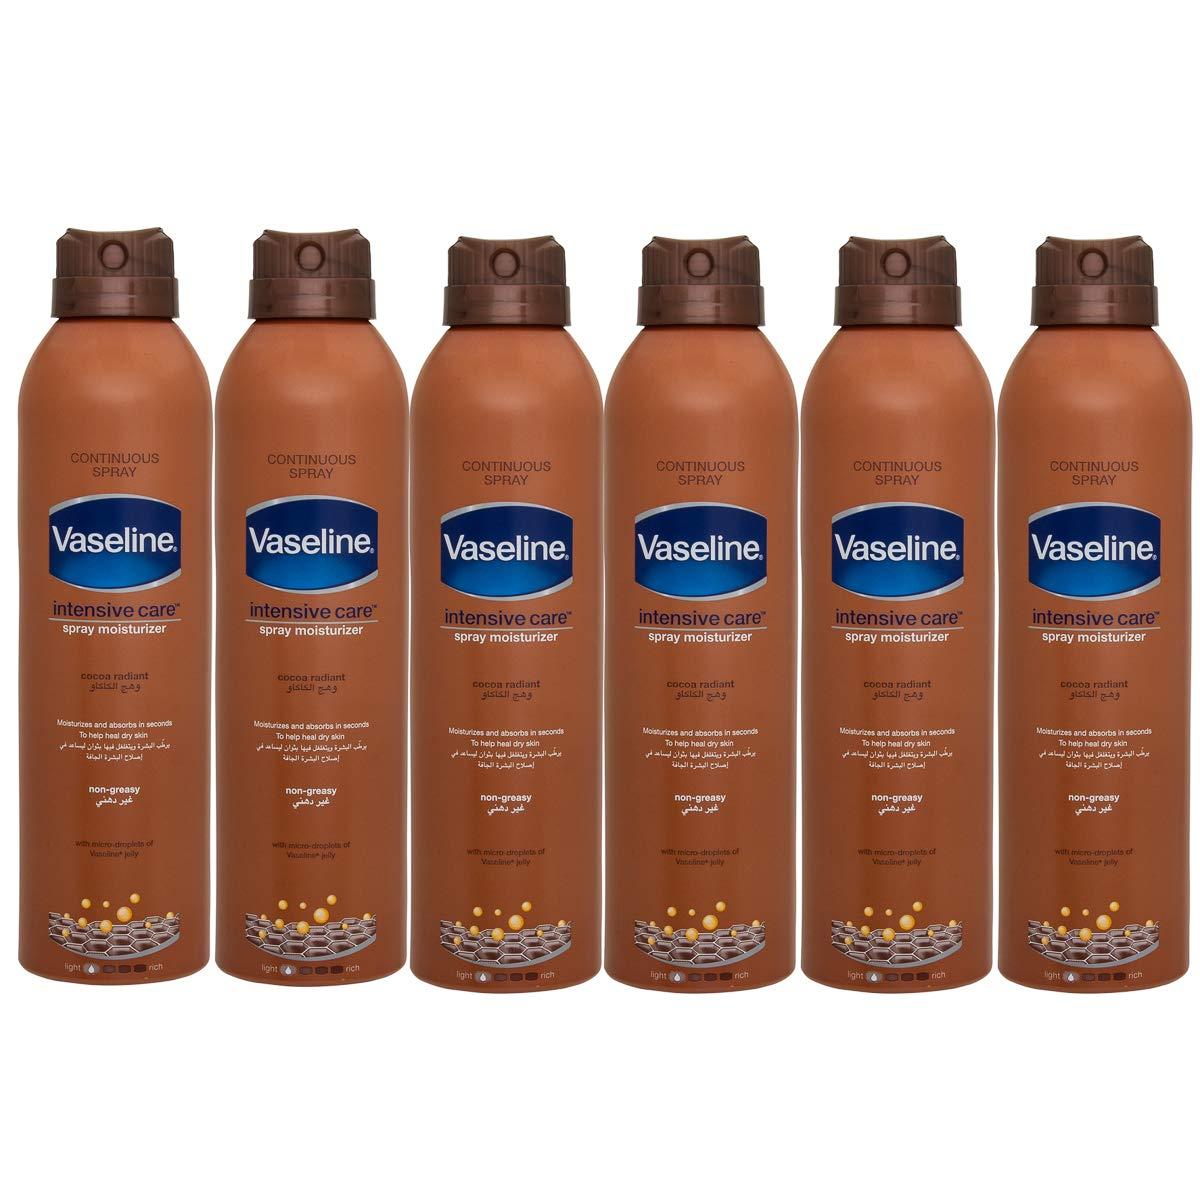 Vaseline (6 Pack) 6.4oz Bottle Body Spray Lotion Moisturizer For Dry Skin Gift Set For Men Women by Vaseline